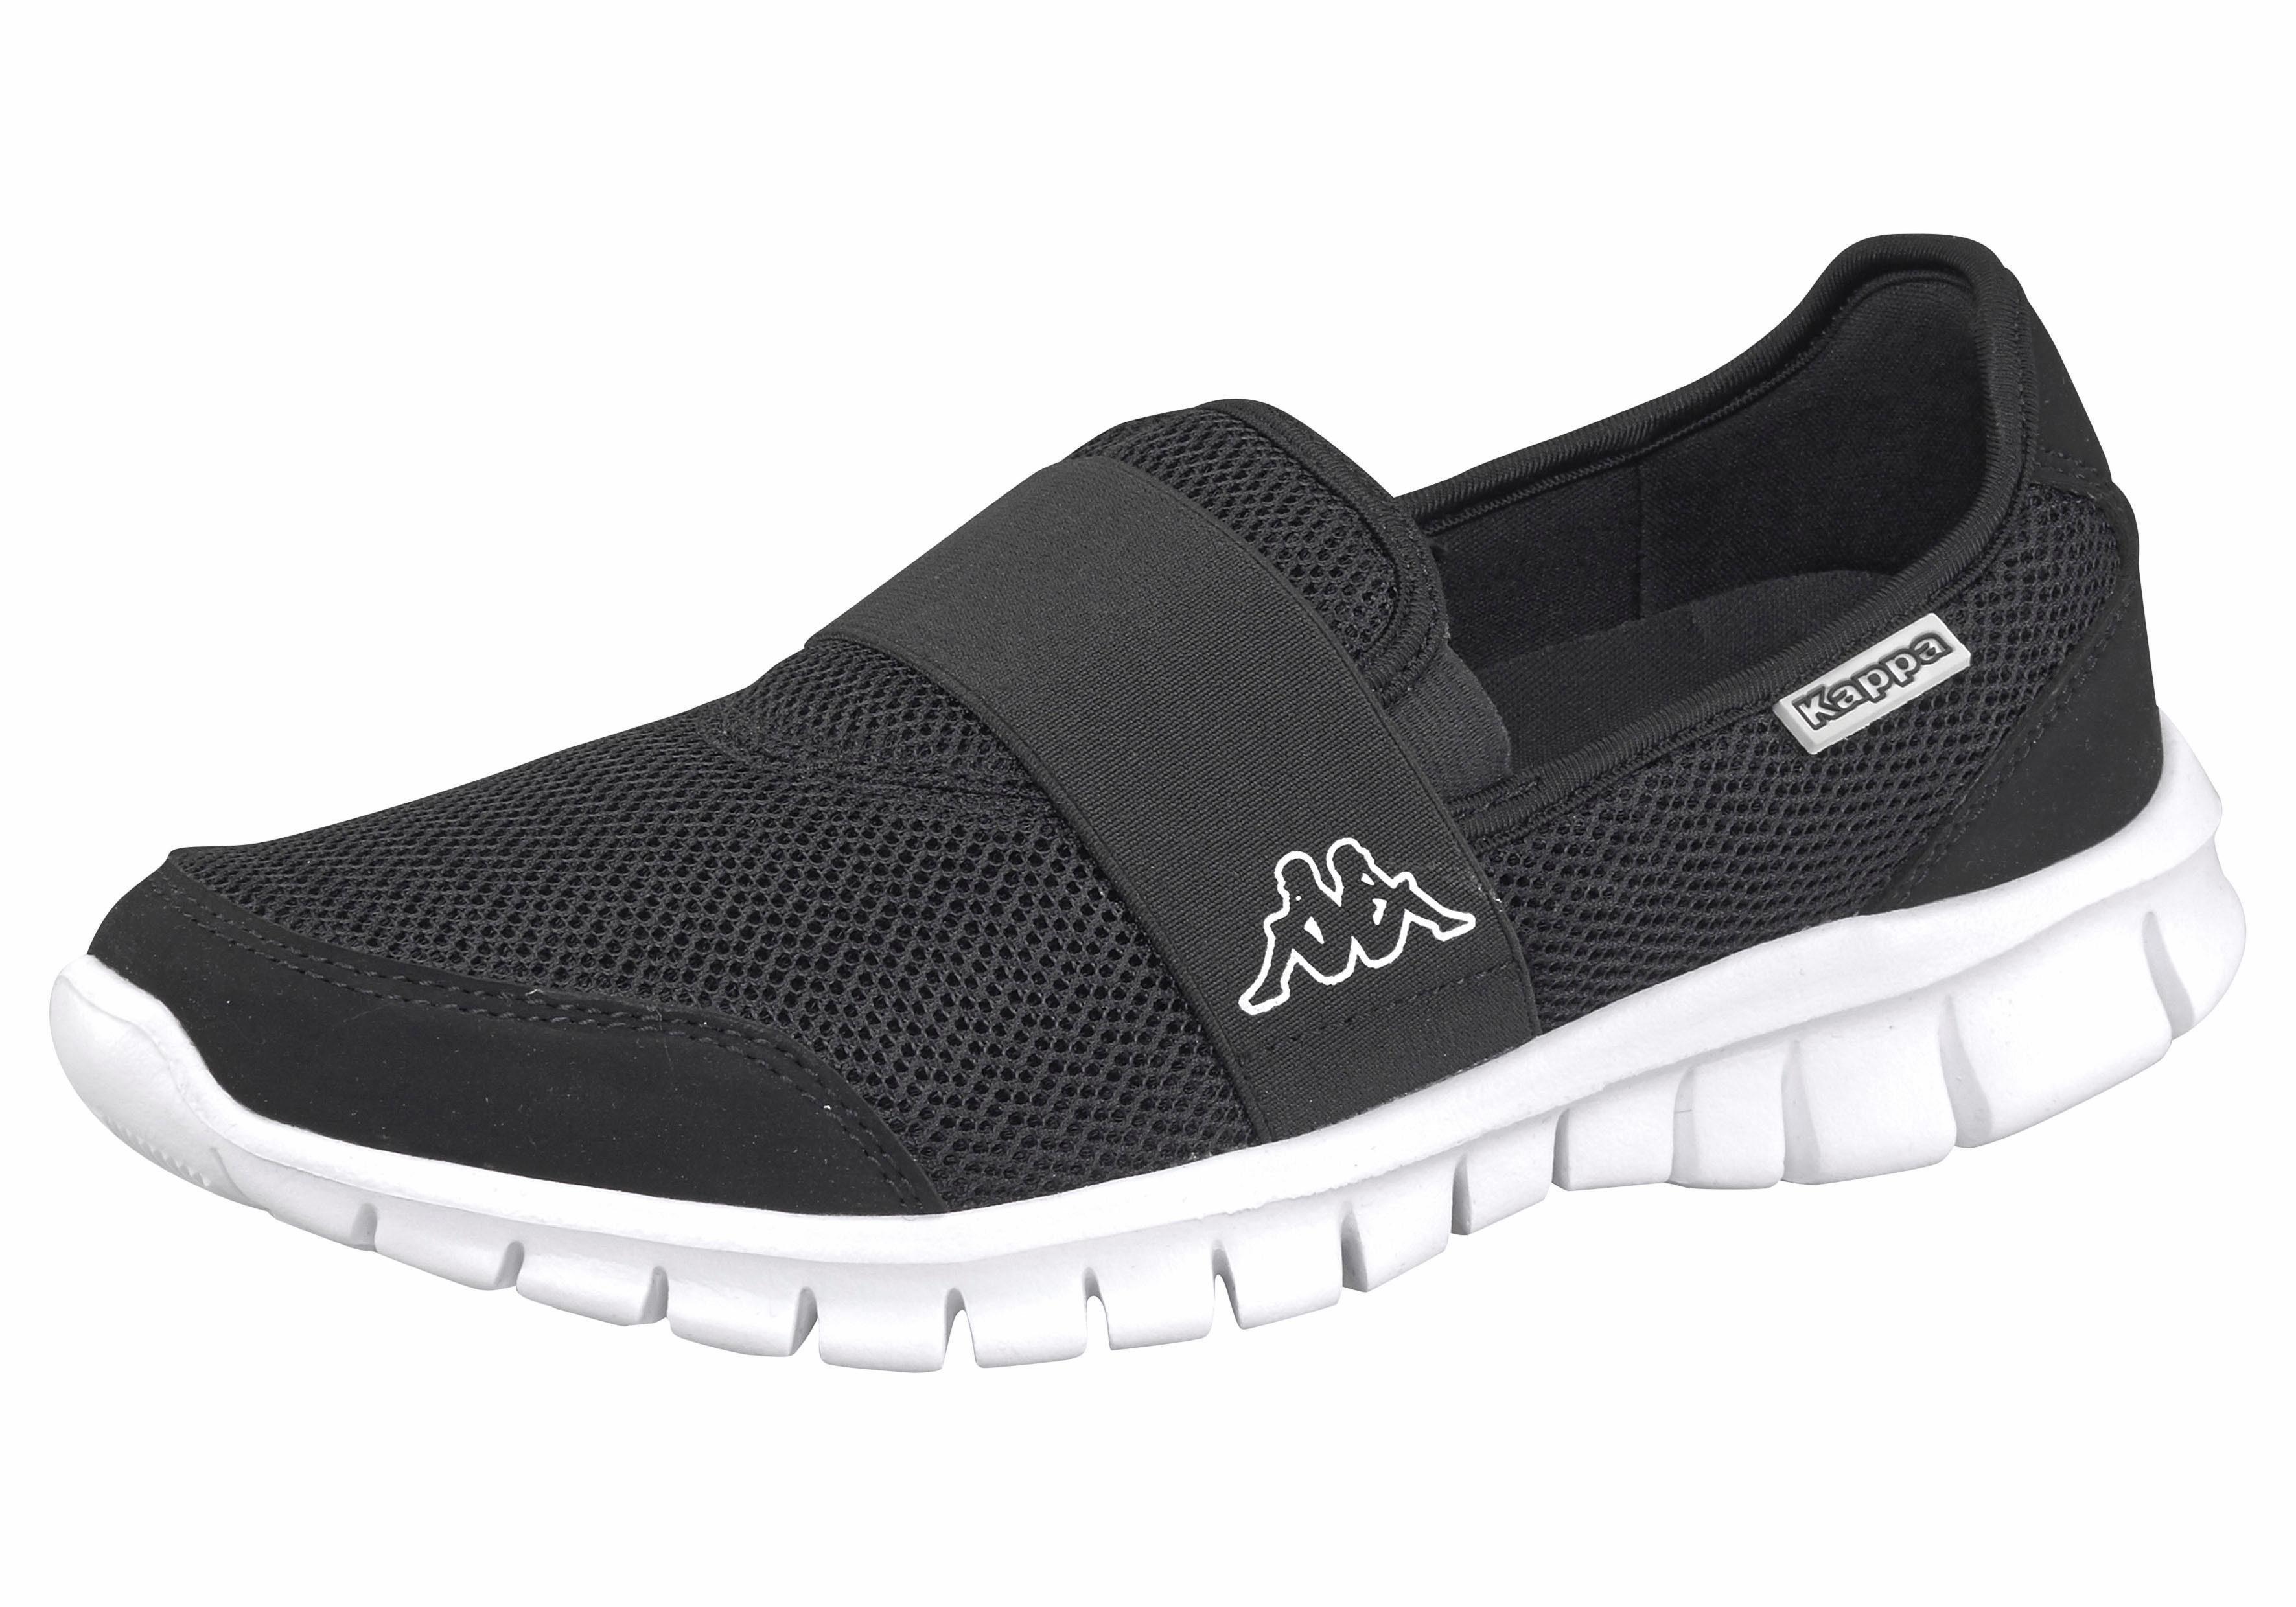 Kappa Taro Sneaker online kaufen  schwarz-weiß